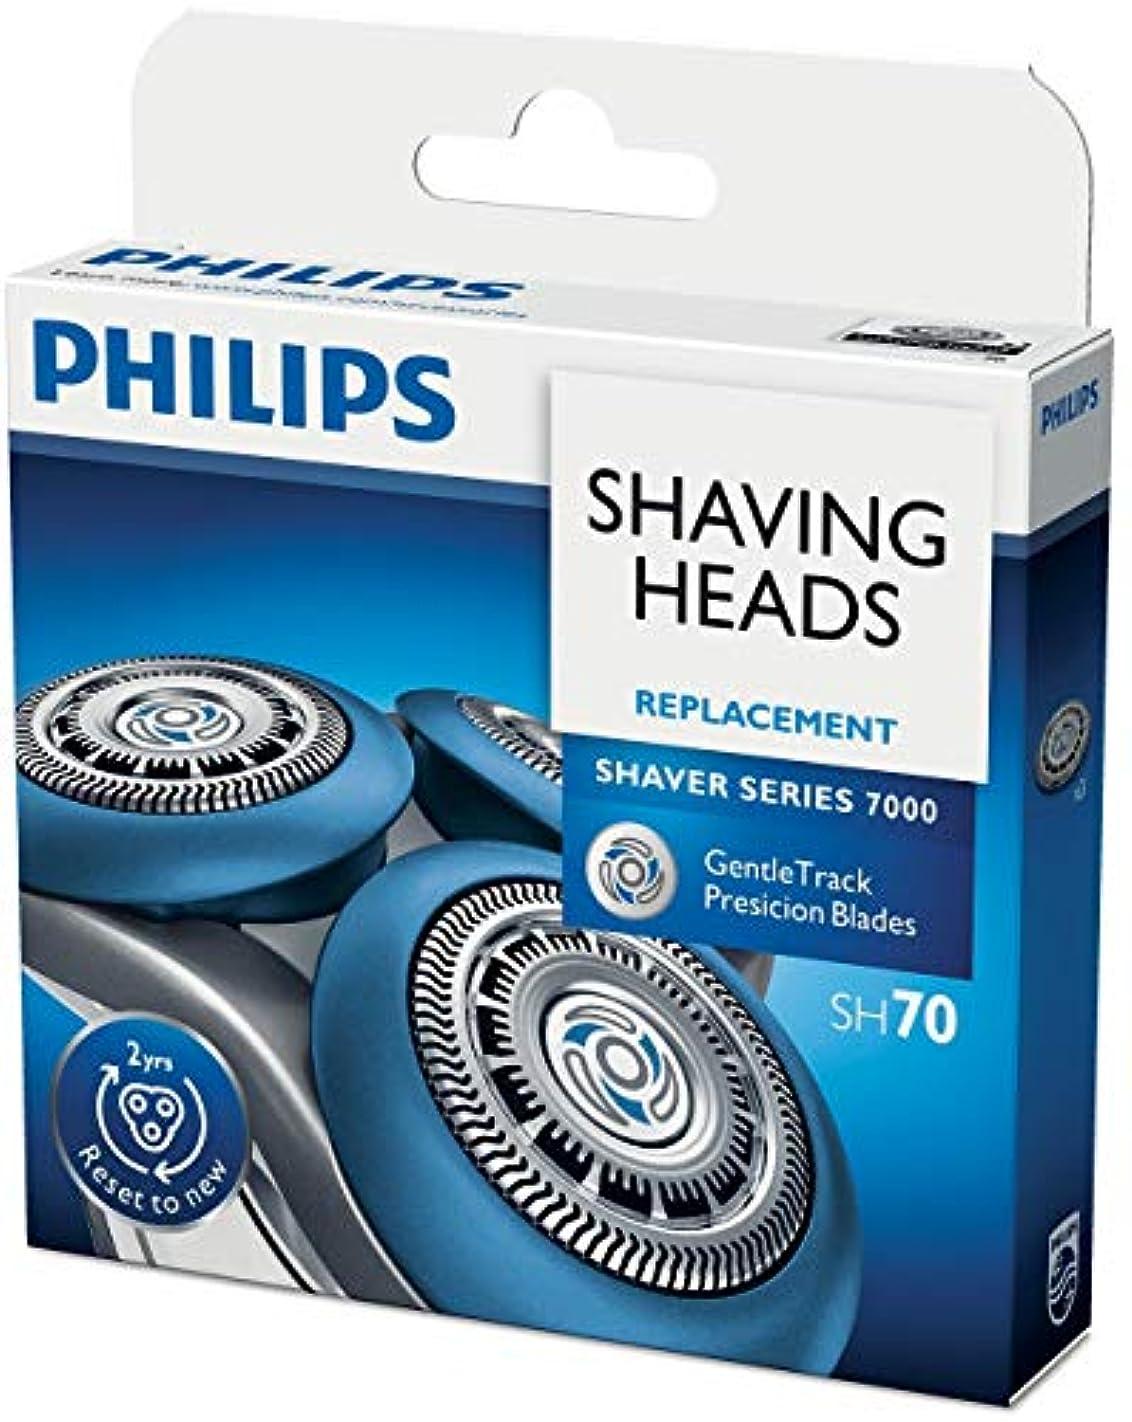 ボイド反抗もう一度(正規品)フィリップス メンズシェーバー 7000シリーズ 替刃 SH70/51